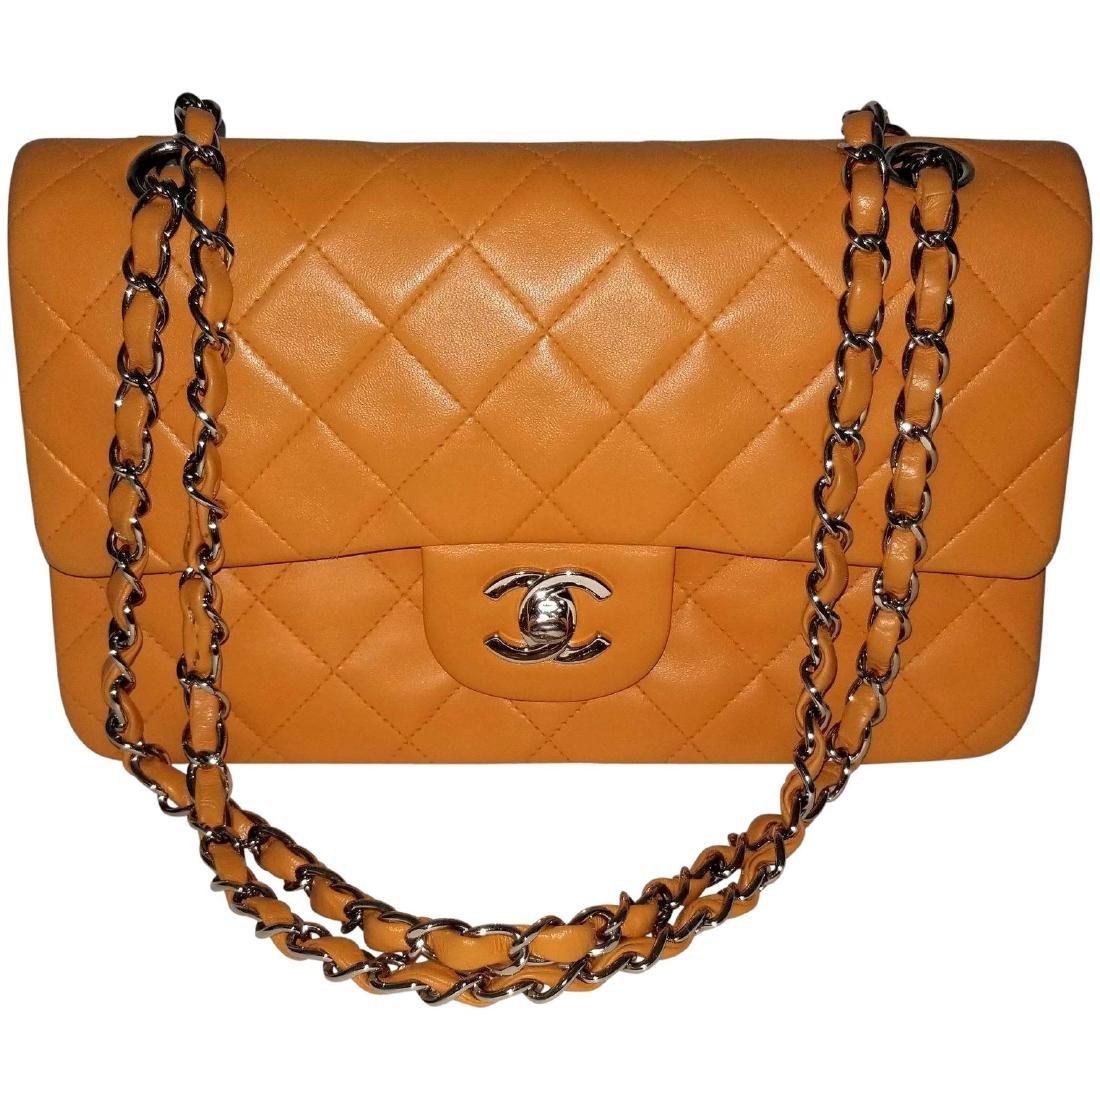 Authentic Vintage Chanel Classic Double Flap Orange